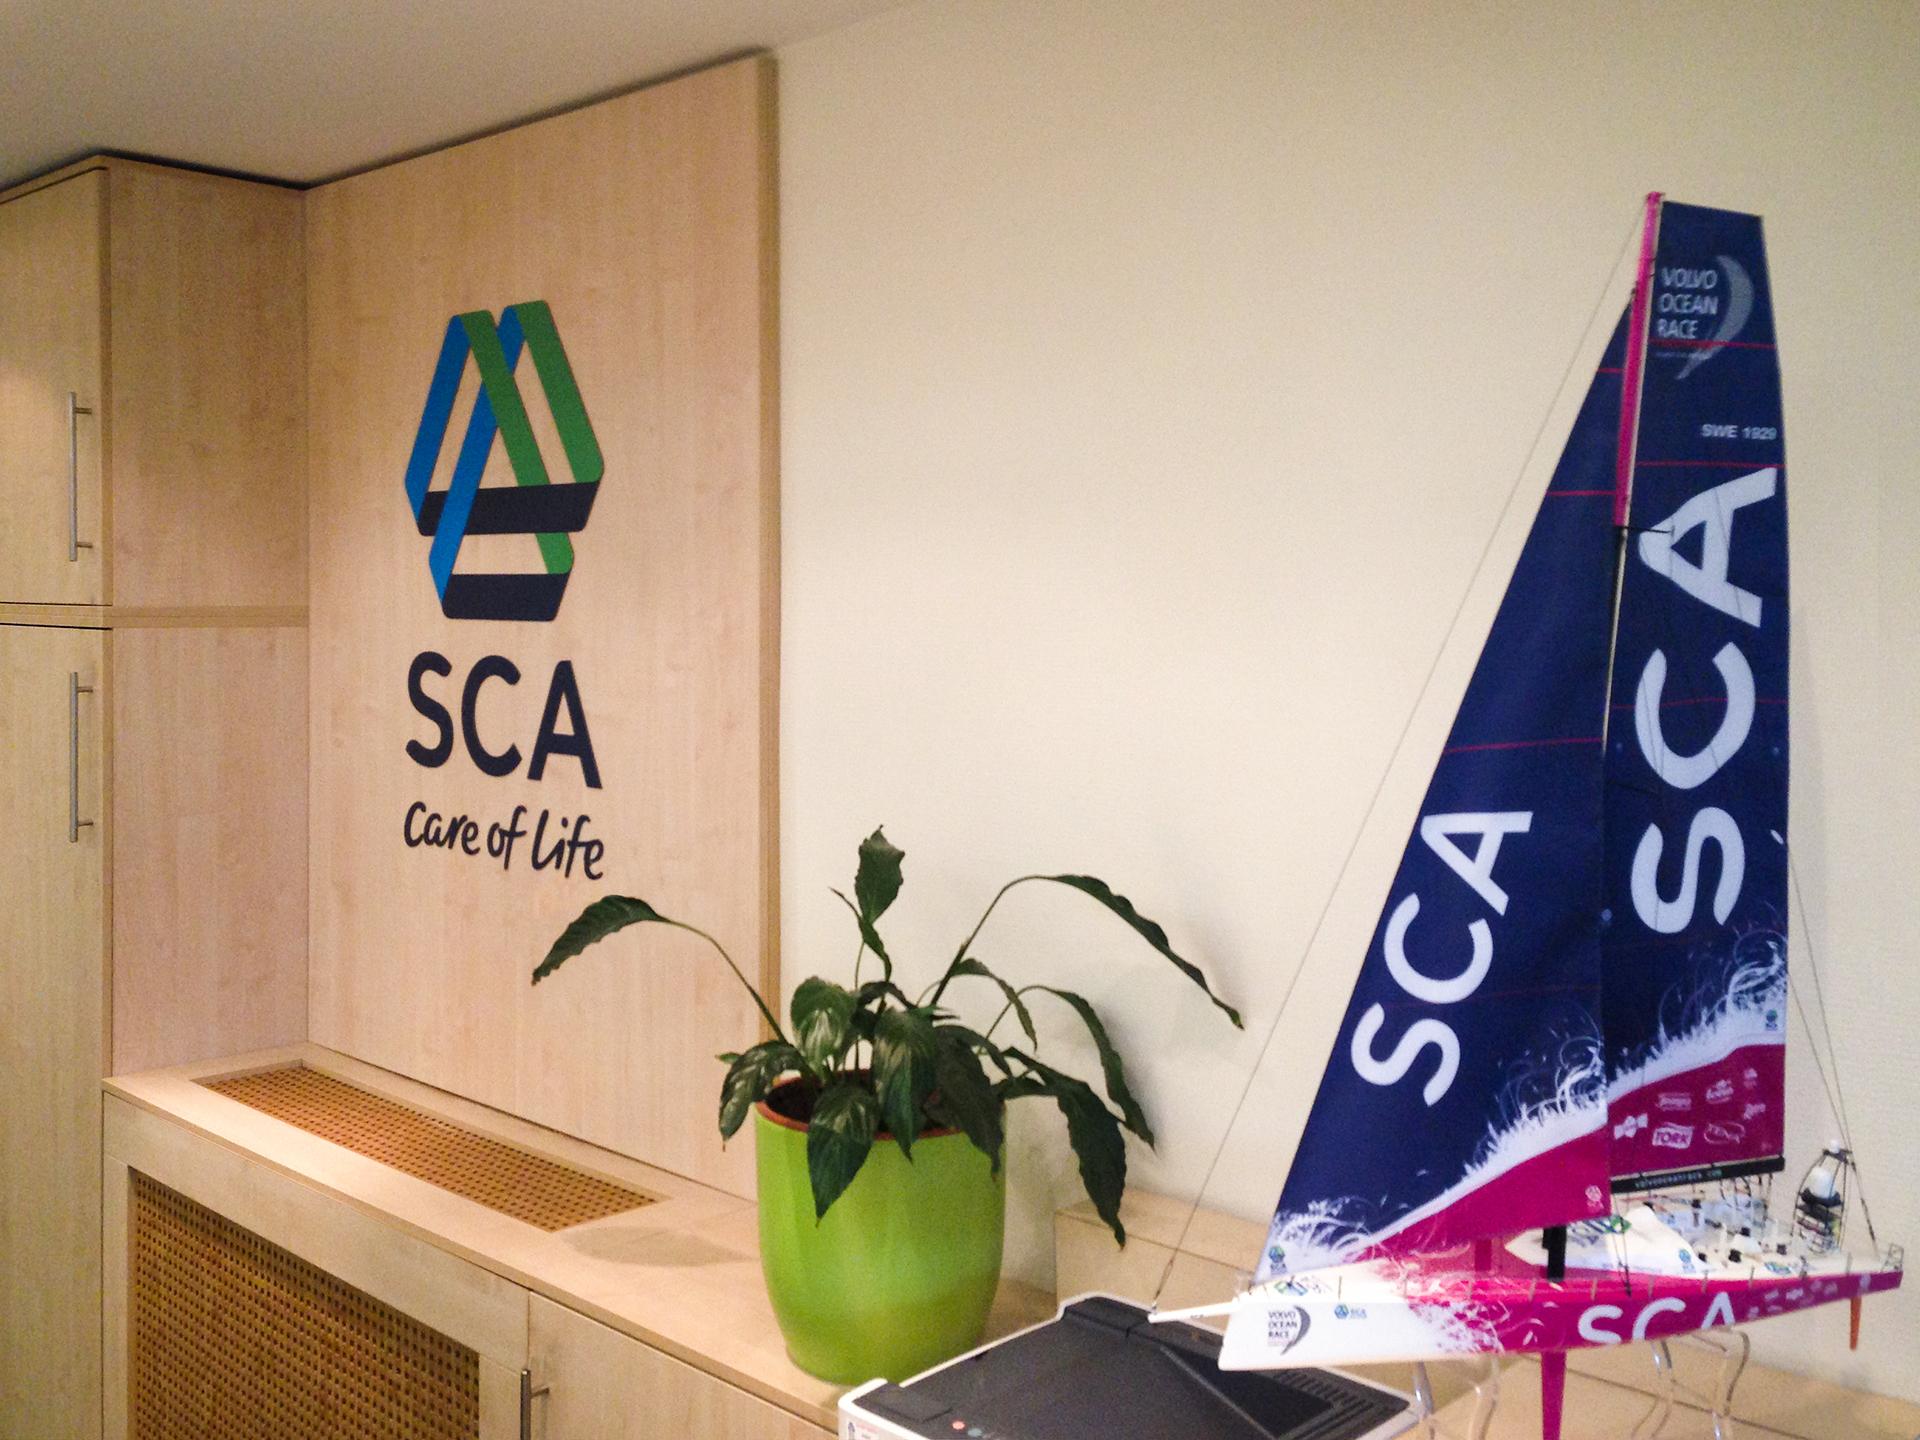 Az SCA irodája nagyméretű SCA logóval, szobanövénnyel és egy SCA arculati színeit viselő sportvitorlás makettjével az előtérben.